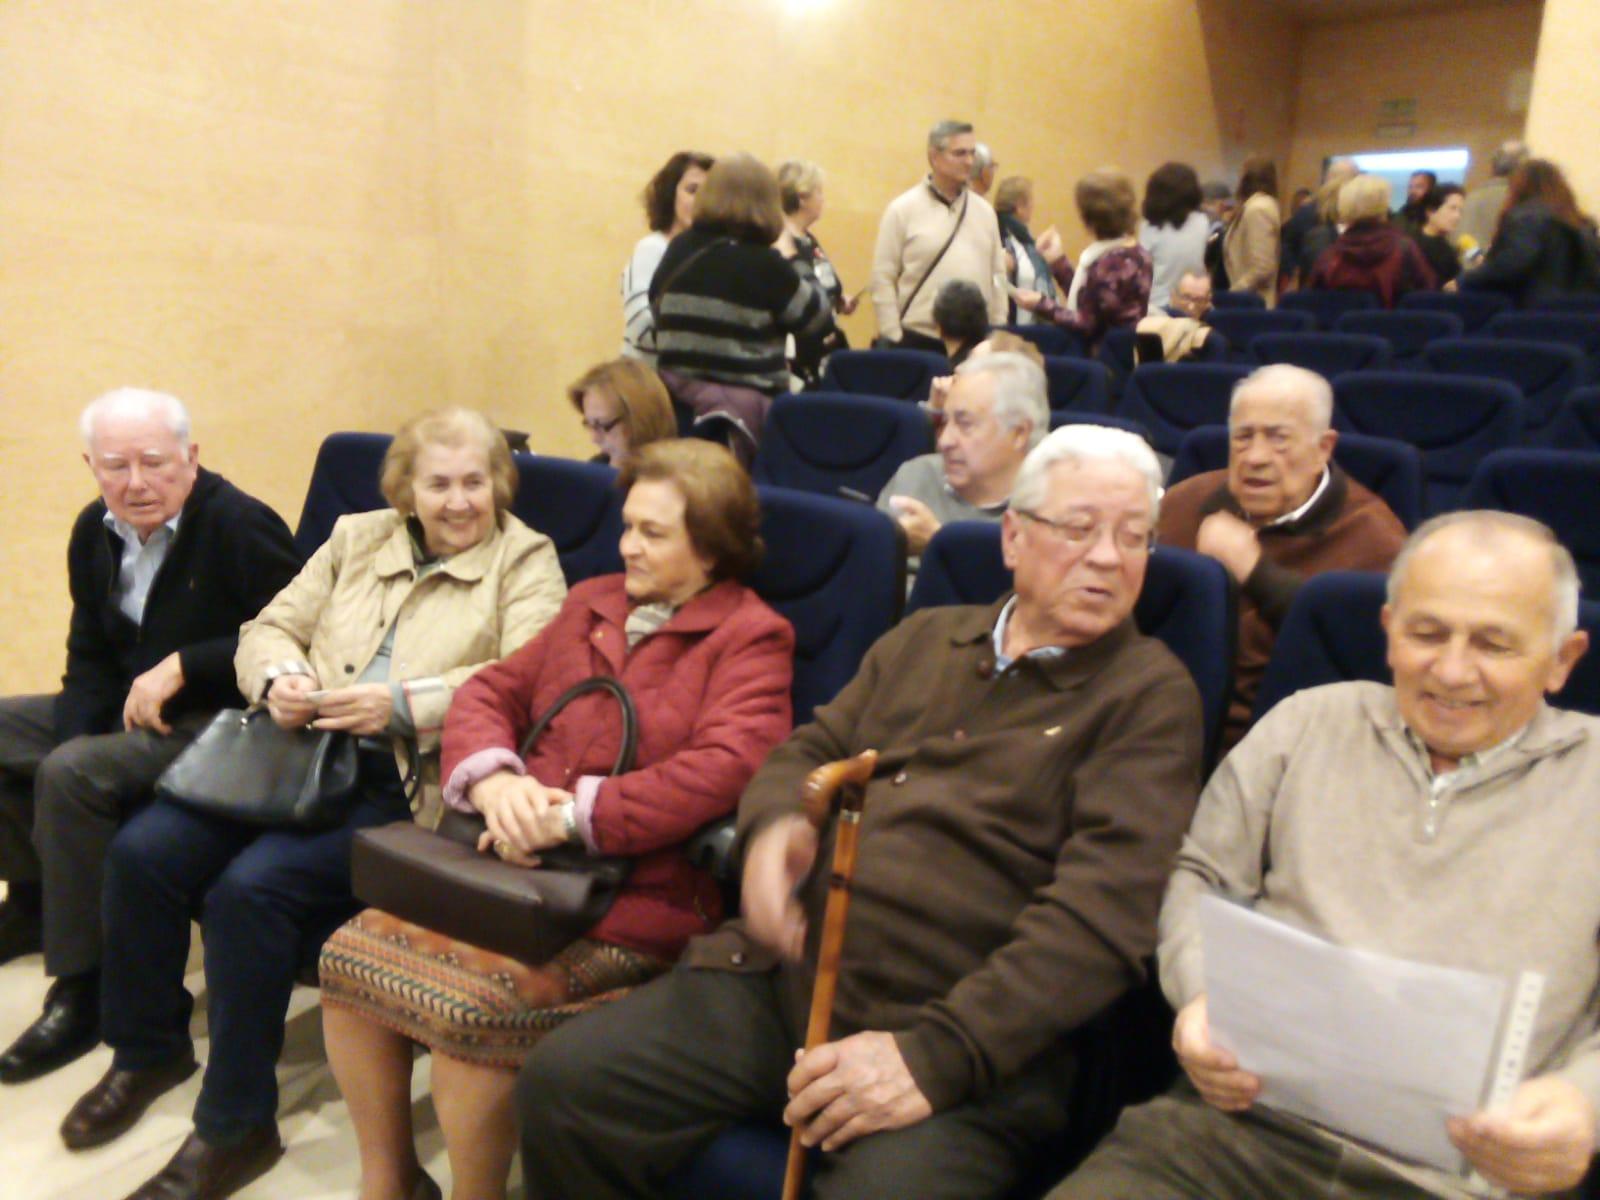 Familiares de víctimas del genocidio franquista en Córdoba llenaron el Centro Cívico de Poniente para ayudar con las identificaciones por ADN